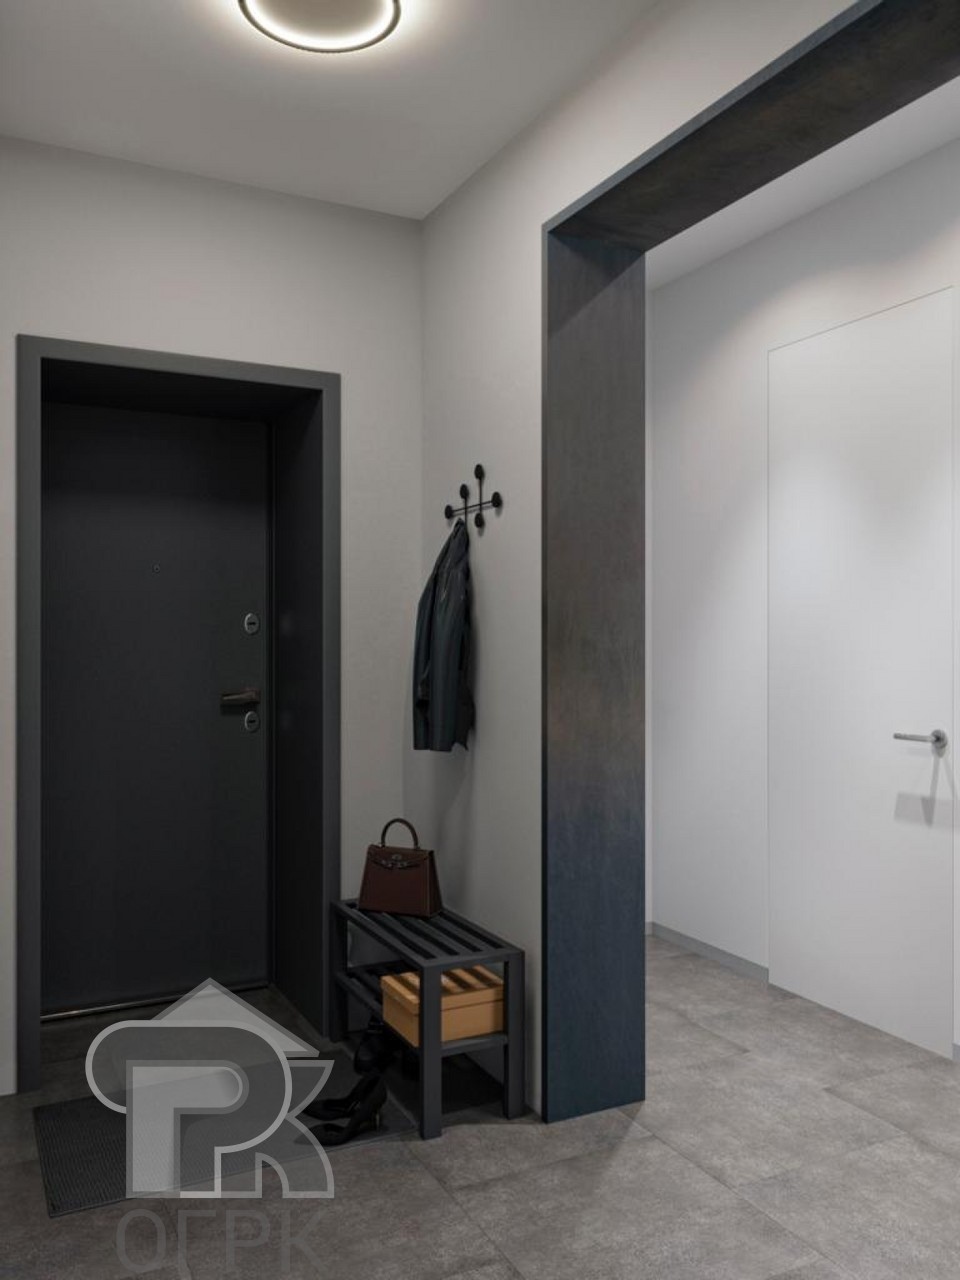 Купить 2-комнатную квартиру, город Москва, Москва, ул. Смольная, д.44к.2, №331259